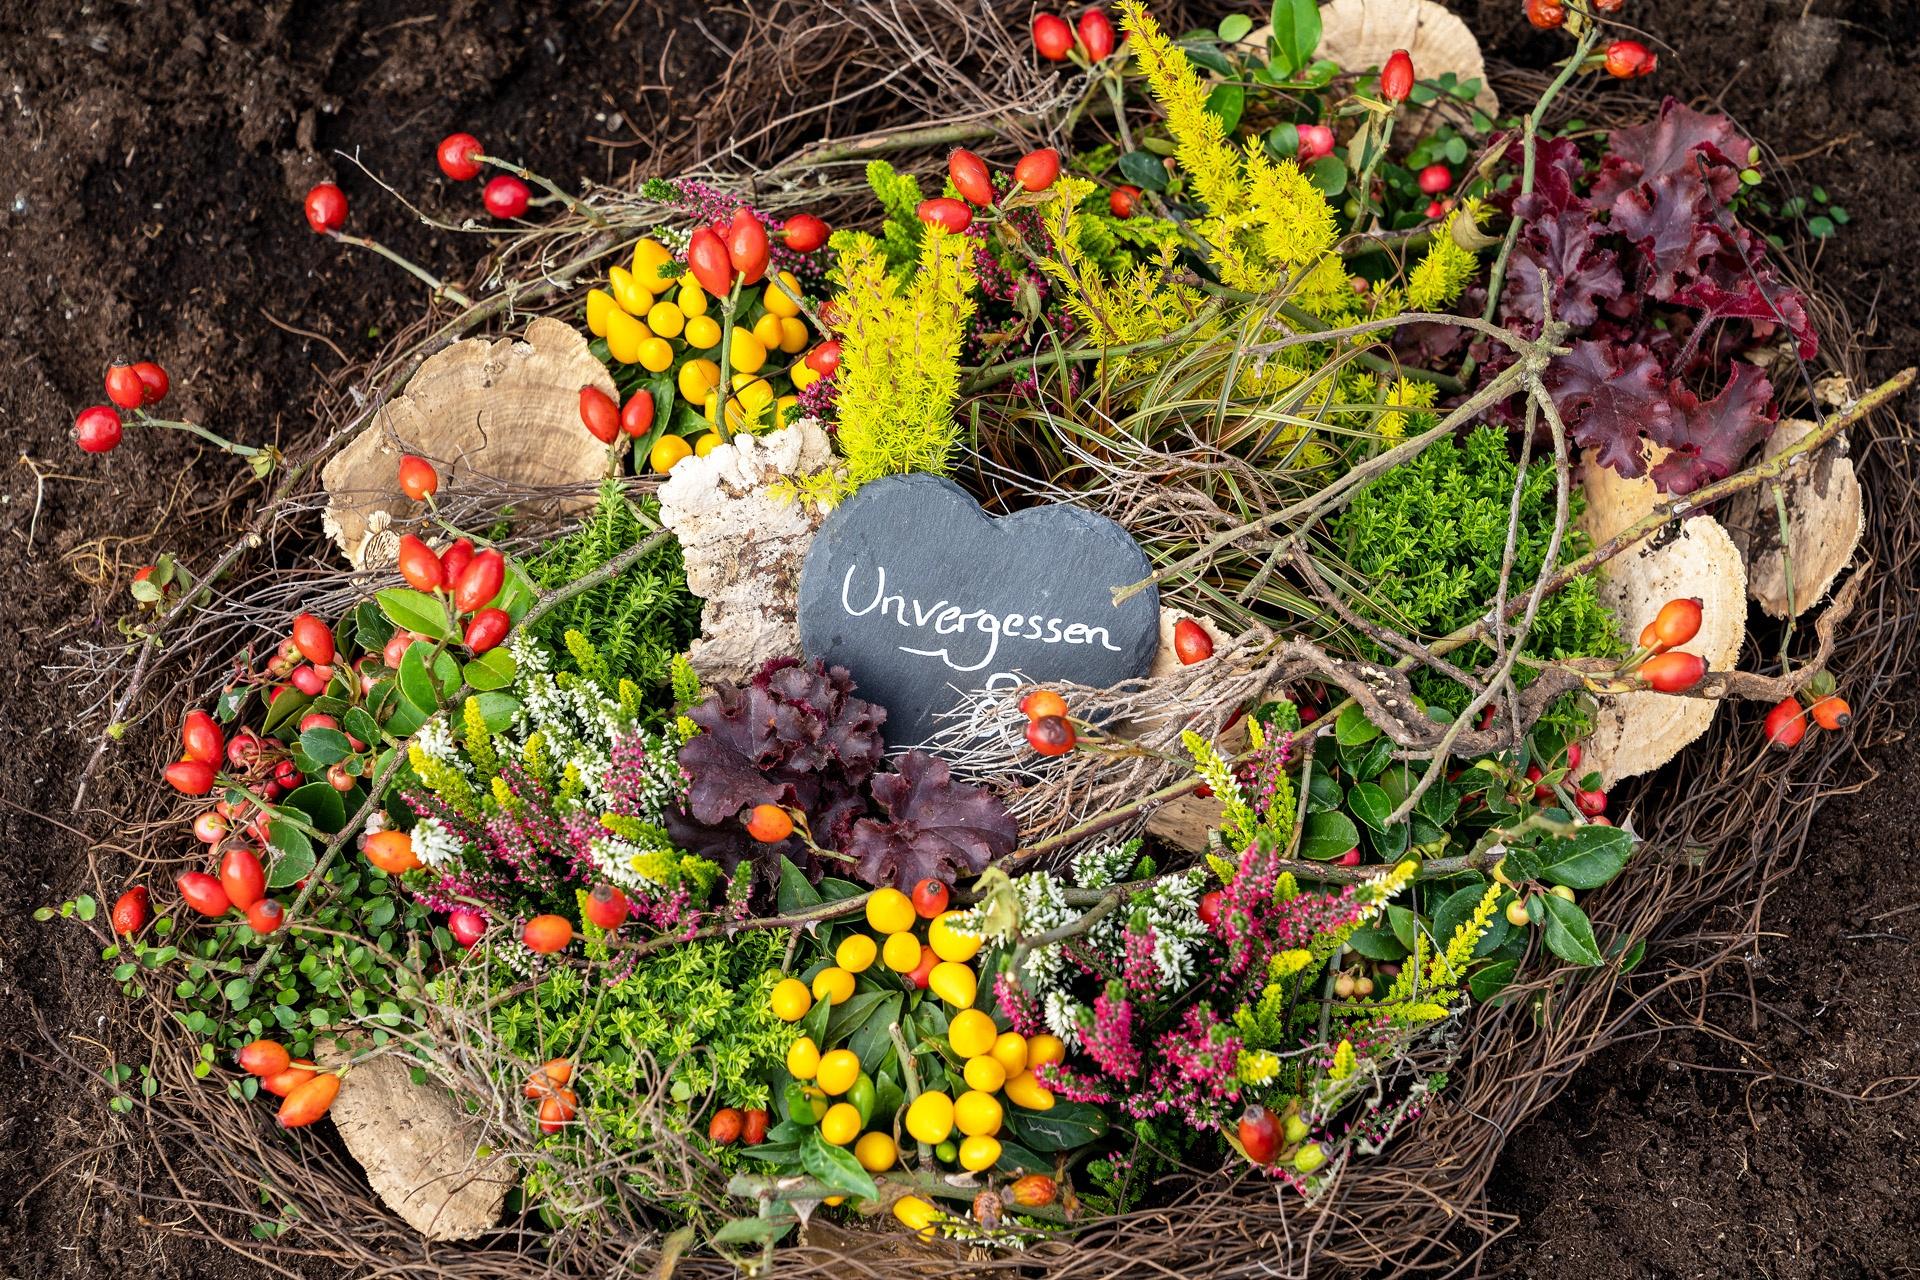 Gärtnerei Schunke –Herbstliche Grabgestaltung